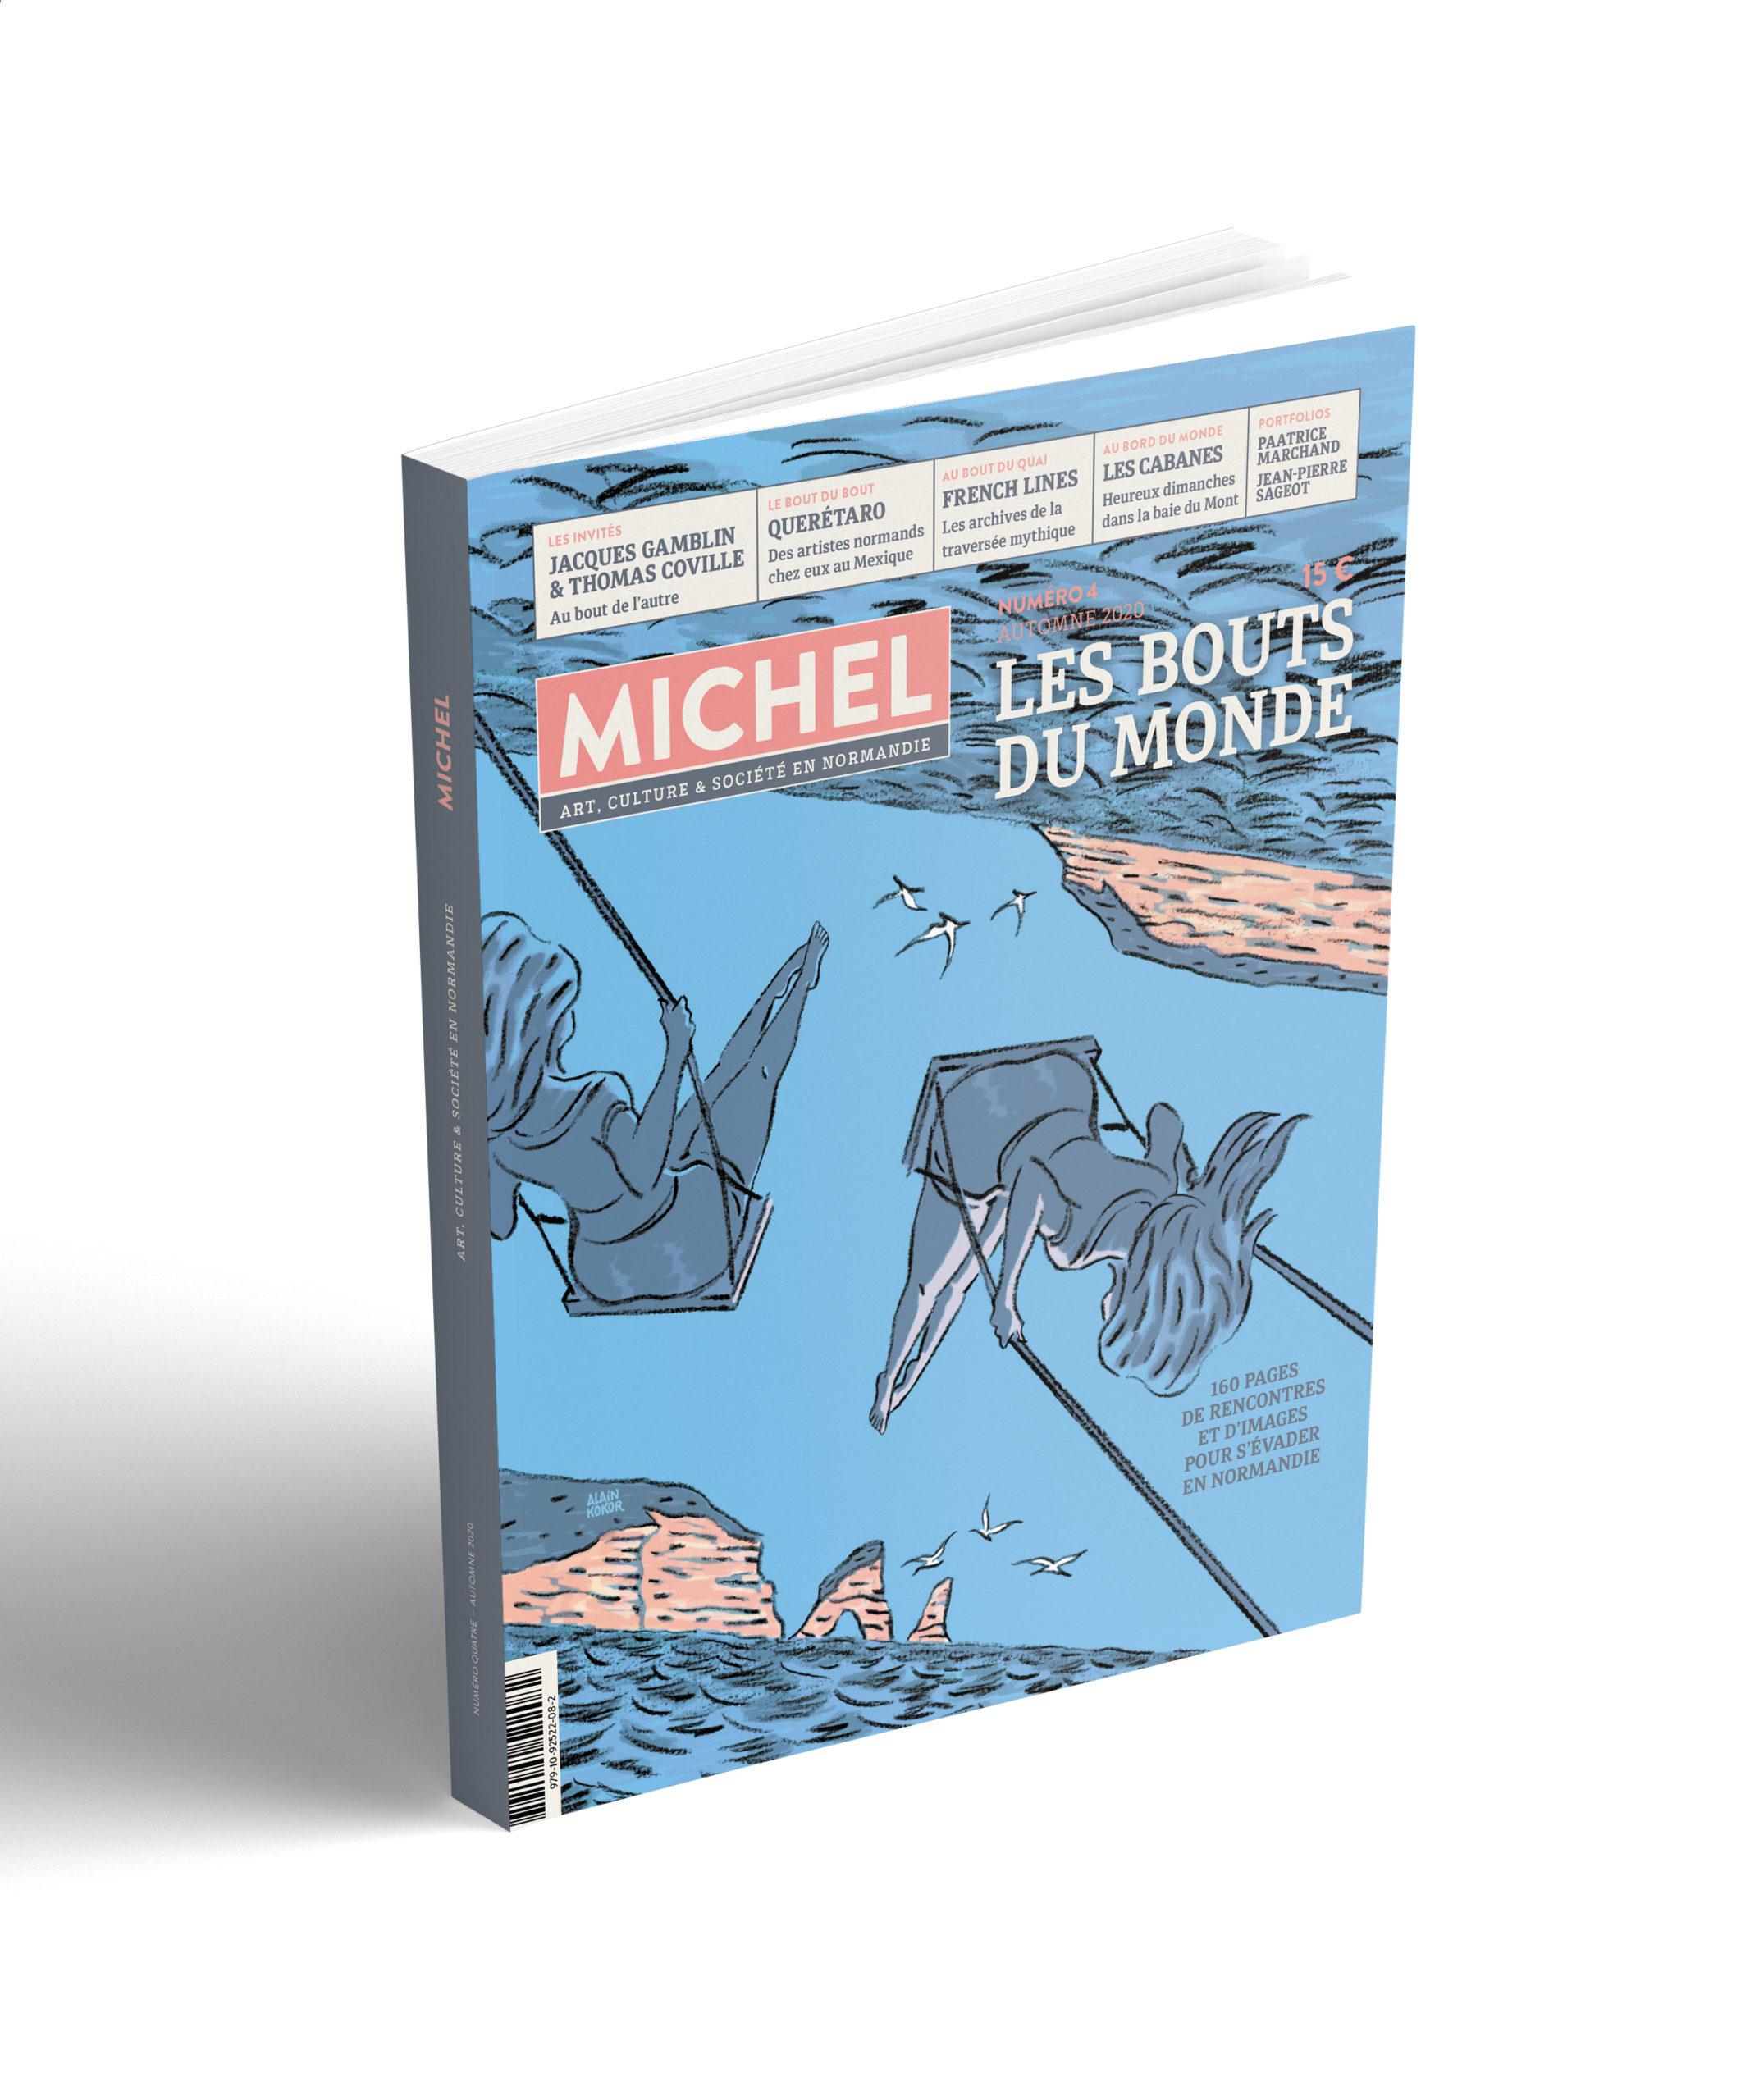 Nouveau : MICHEL N°4 «LES BOUTS DU MONDE»